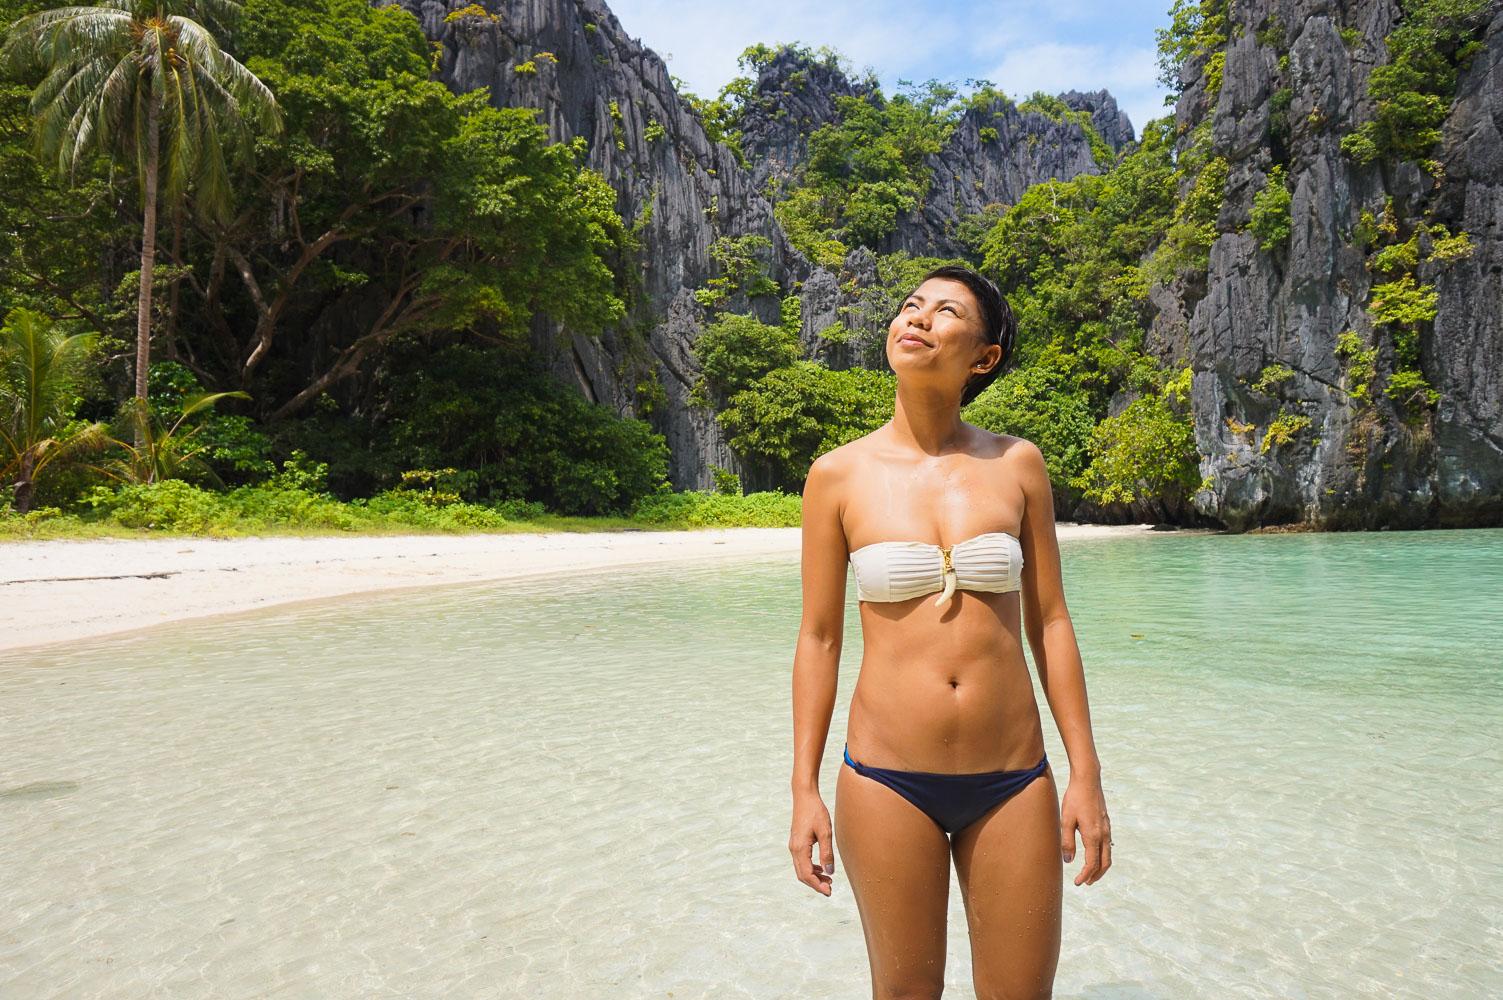 El Nido Palawan Tips For The Budget Traveler